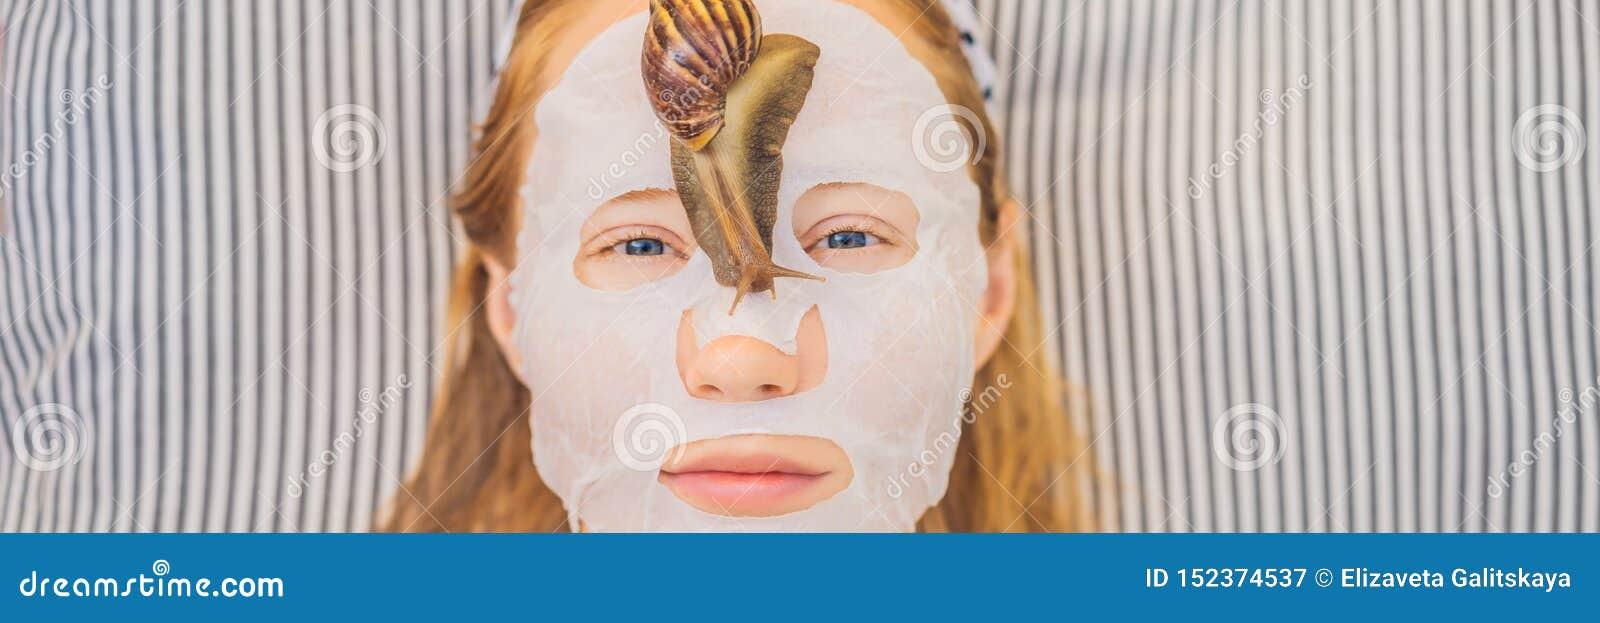 年轻女人做与蜗牛黏液的一面膜 蜗牛爬行在面膜横幅的,长的格式